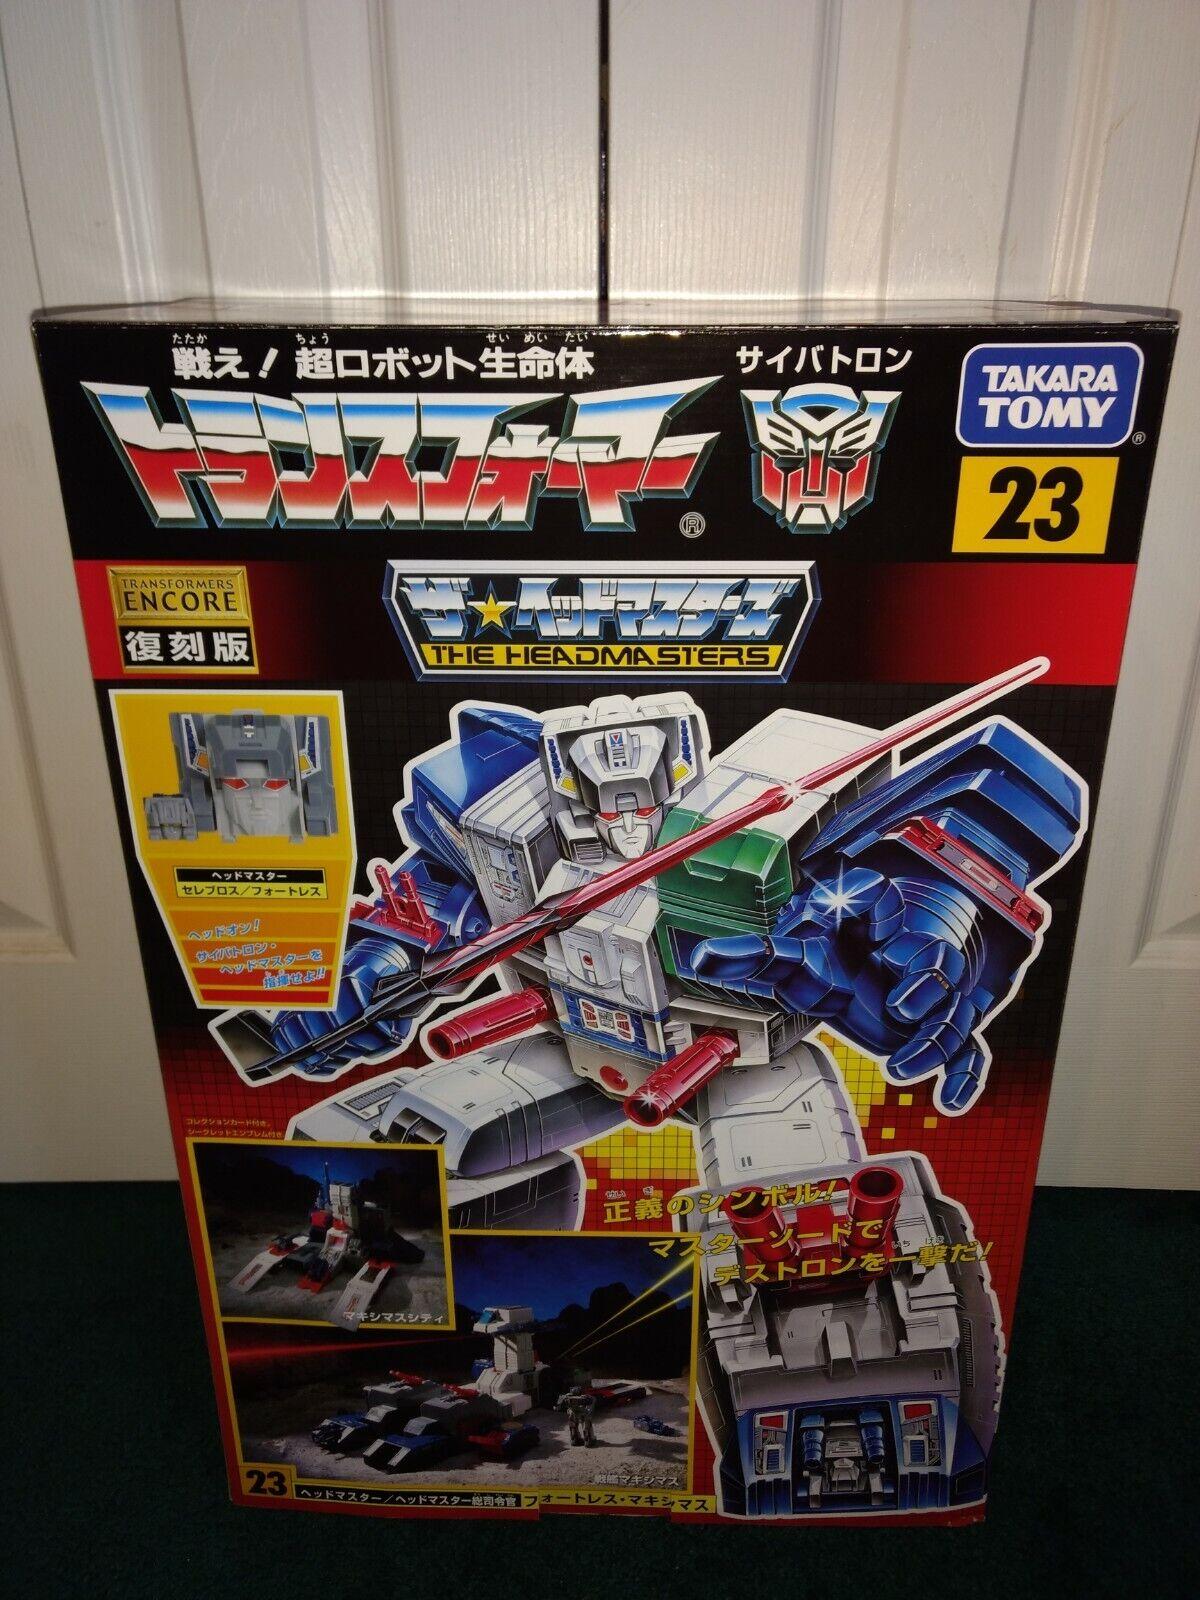 FORTRESS Maximus G1 riemettere Encore 23 Transformers Takara 2013 Nuovo di zecca IN CONFEZIONE SIGILLATA  SIGILLATO